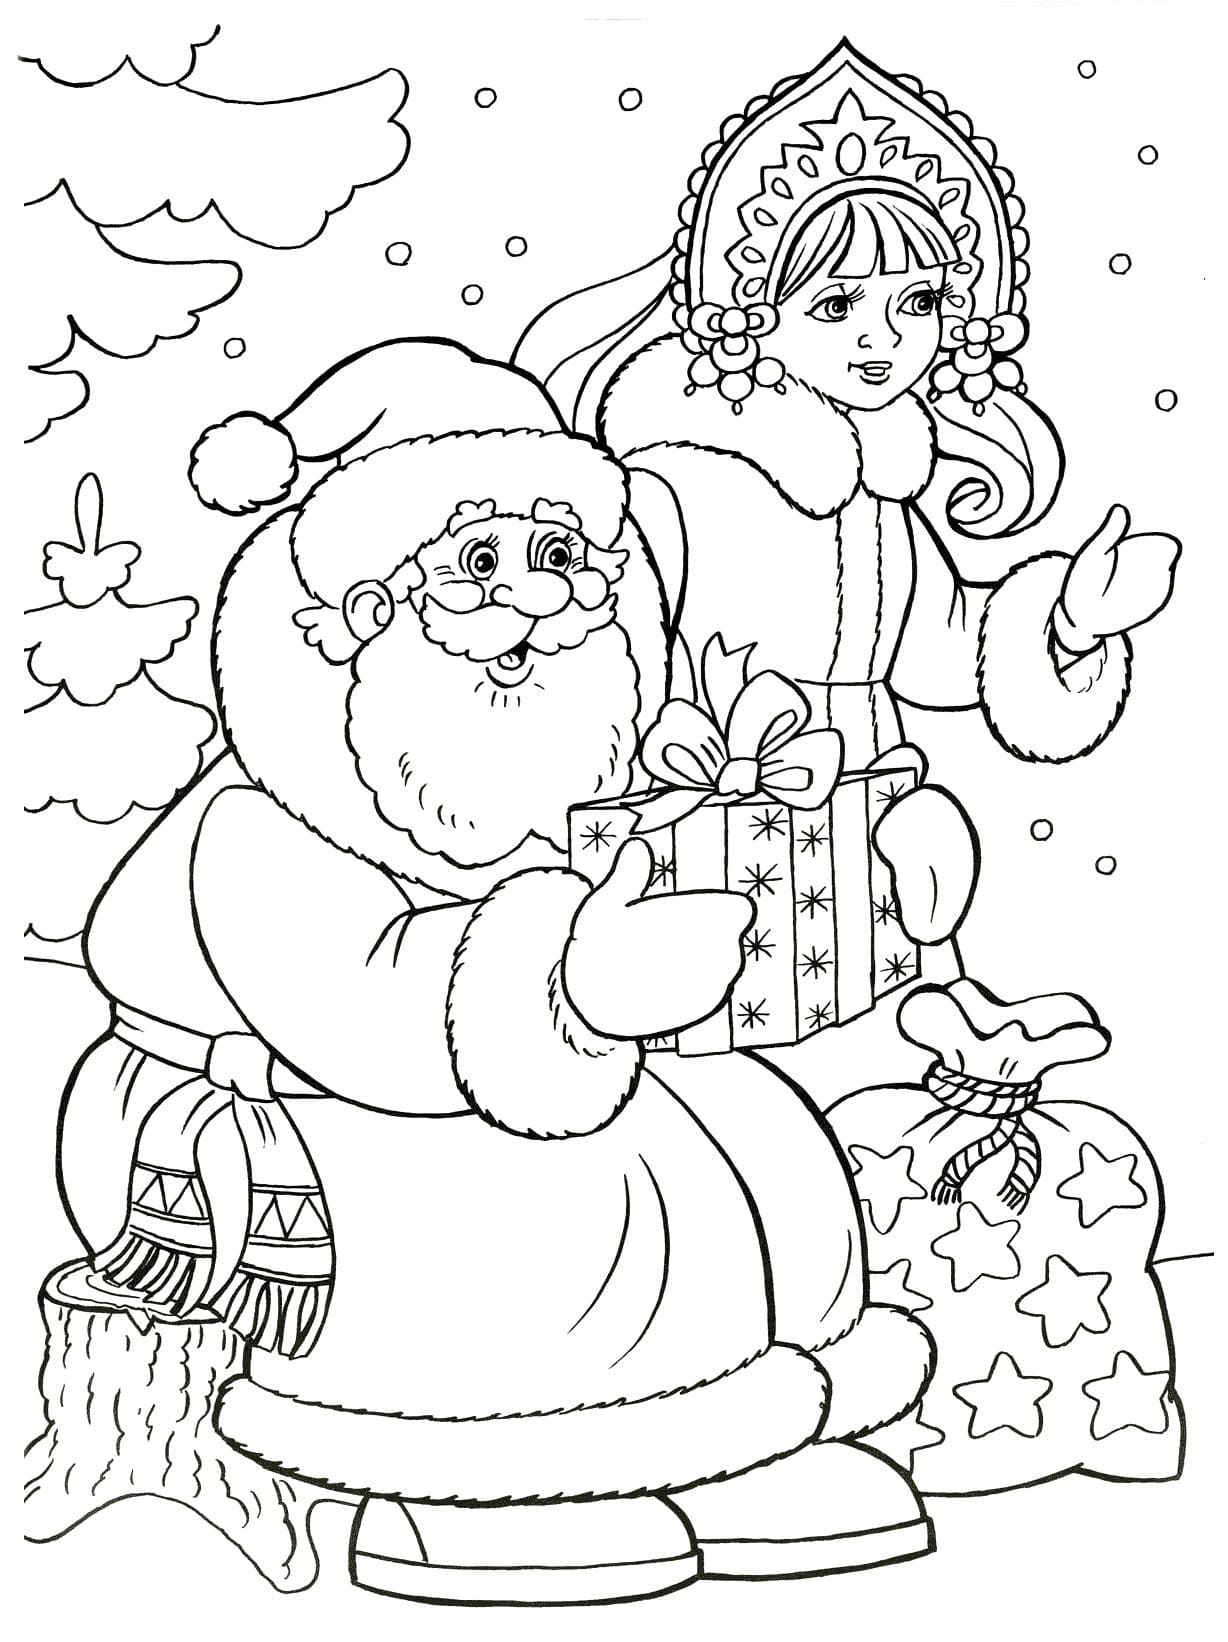 Картинки деда мороза и снегурочки для детей для срисовки, прикольные обои